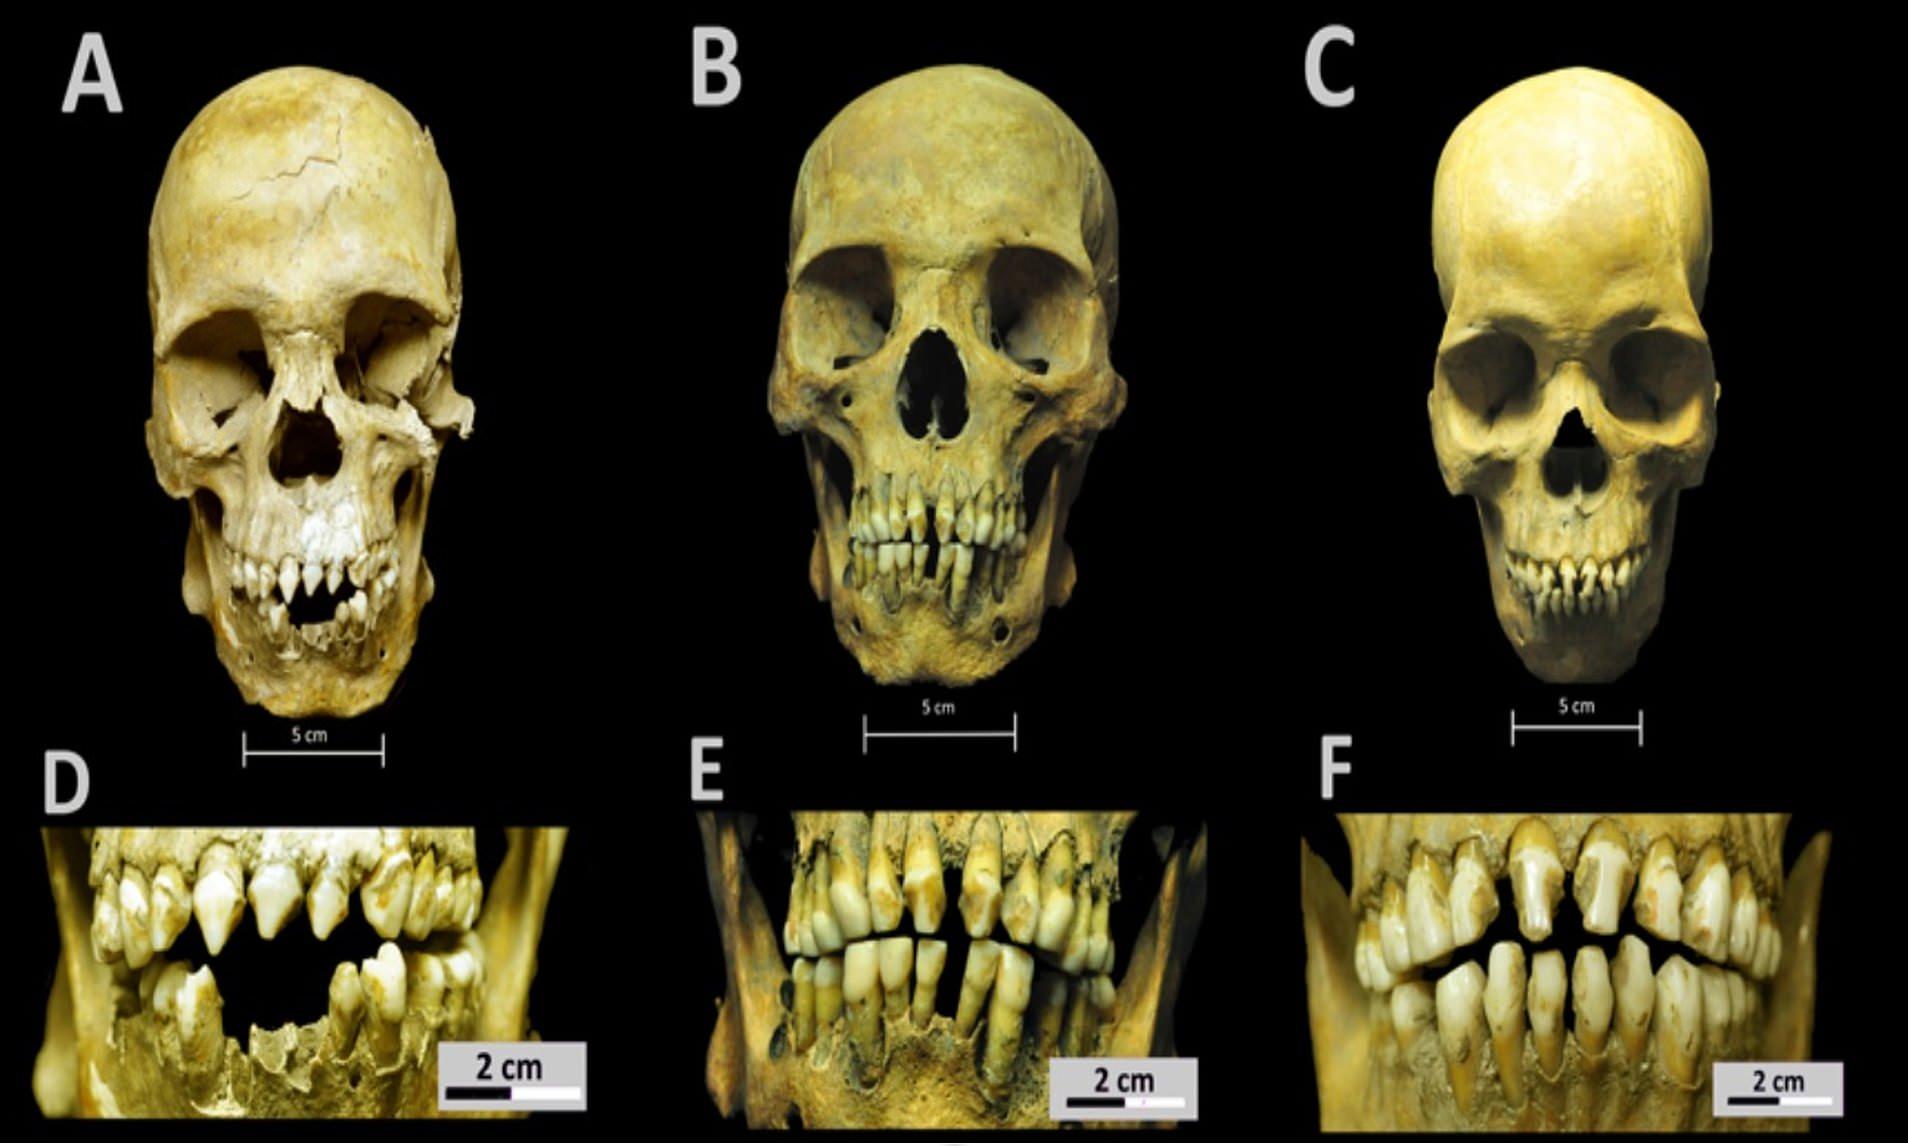 Μεξικό: Τι αποκαλύπτει το DNA και τα οστά τριών ανδρών που θάφτηκαν πριν από 500 χρόνια